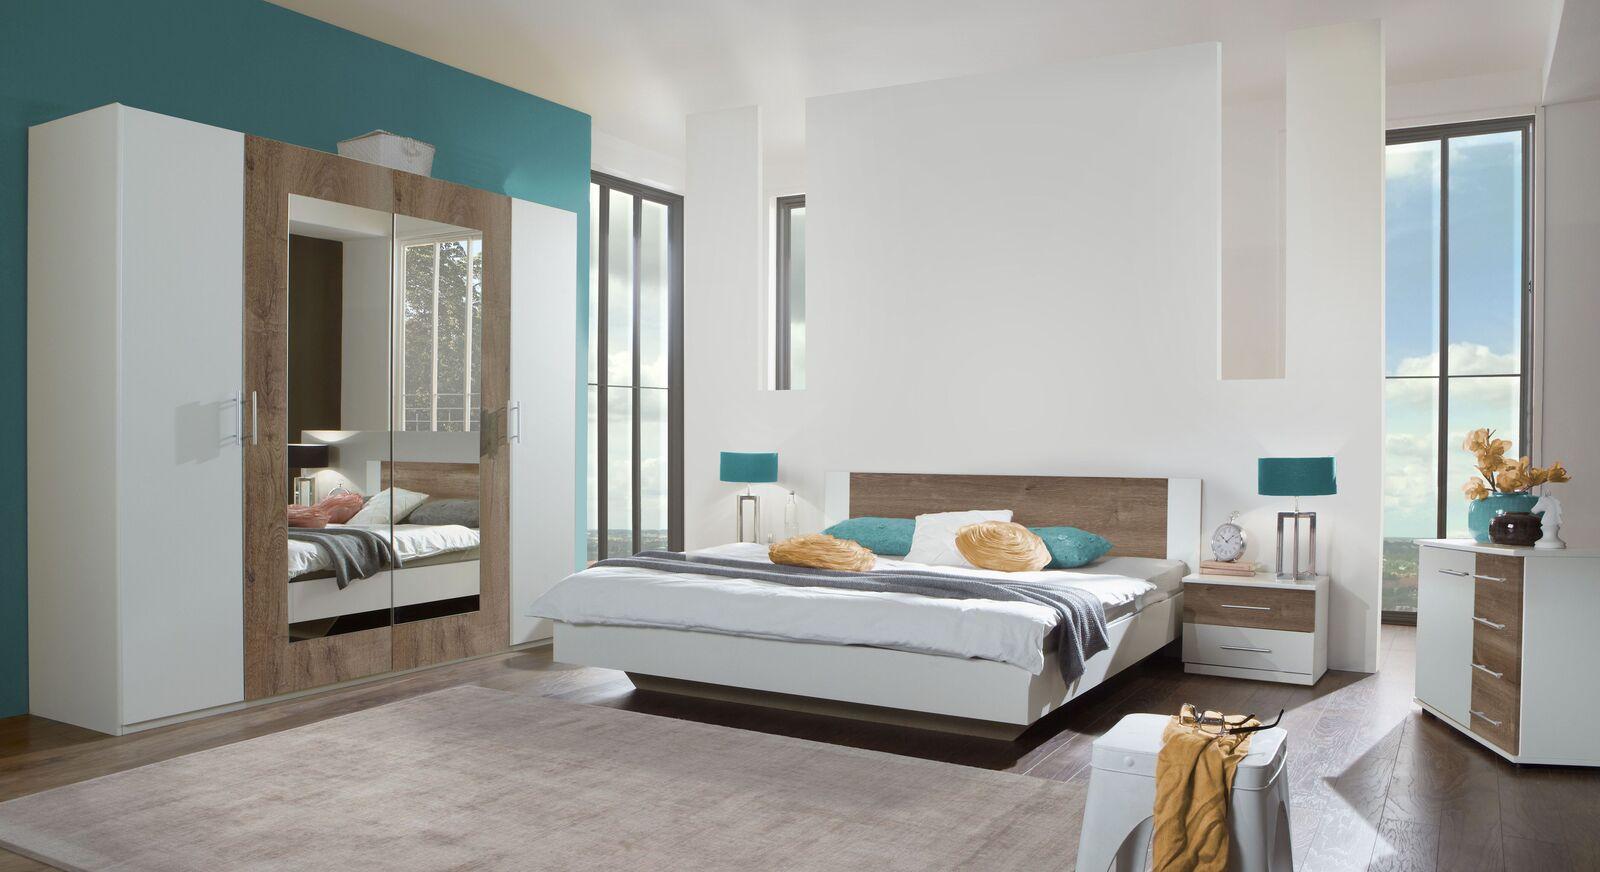 Komplett-Schlafzimmer Kenva in zwei unterschiedlichen Dekoren